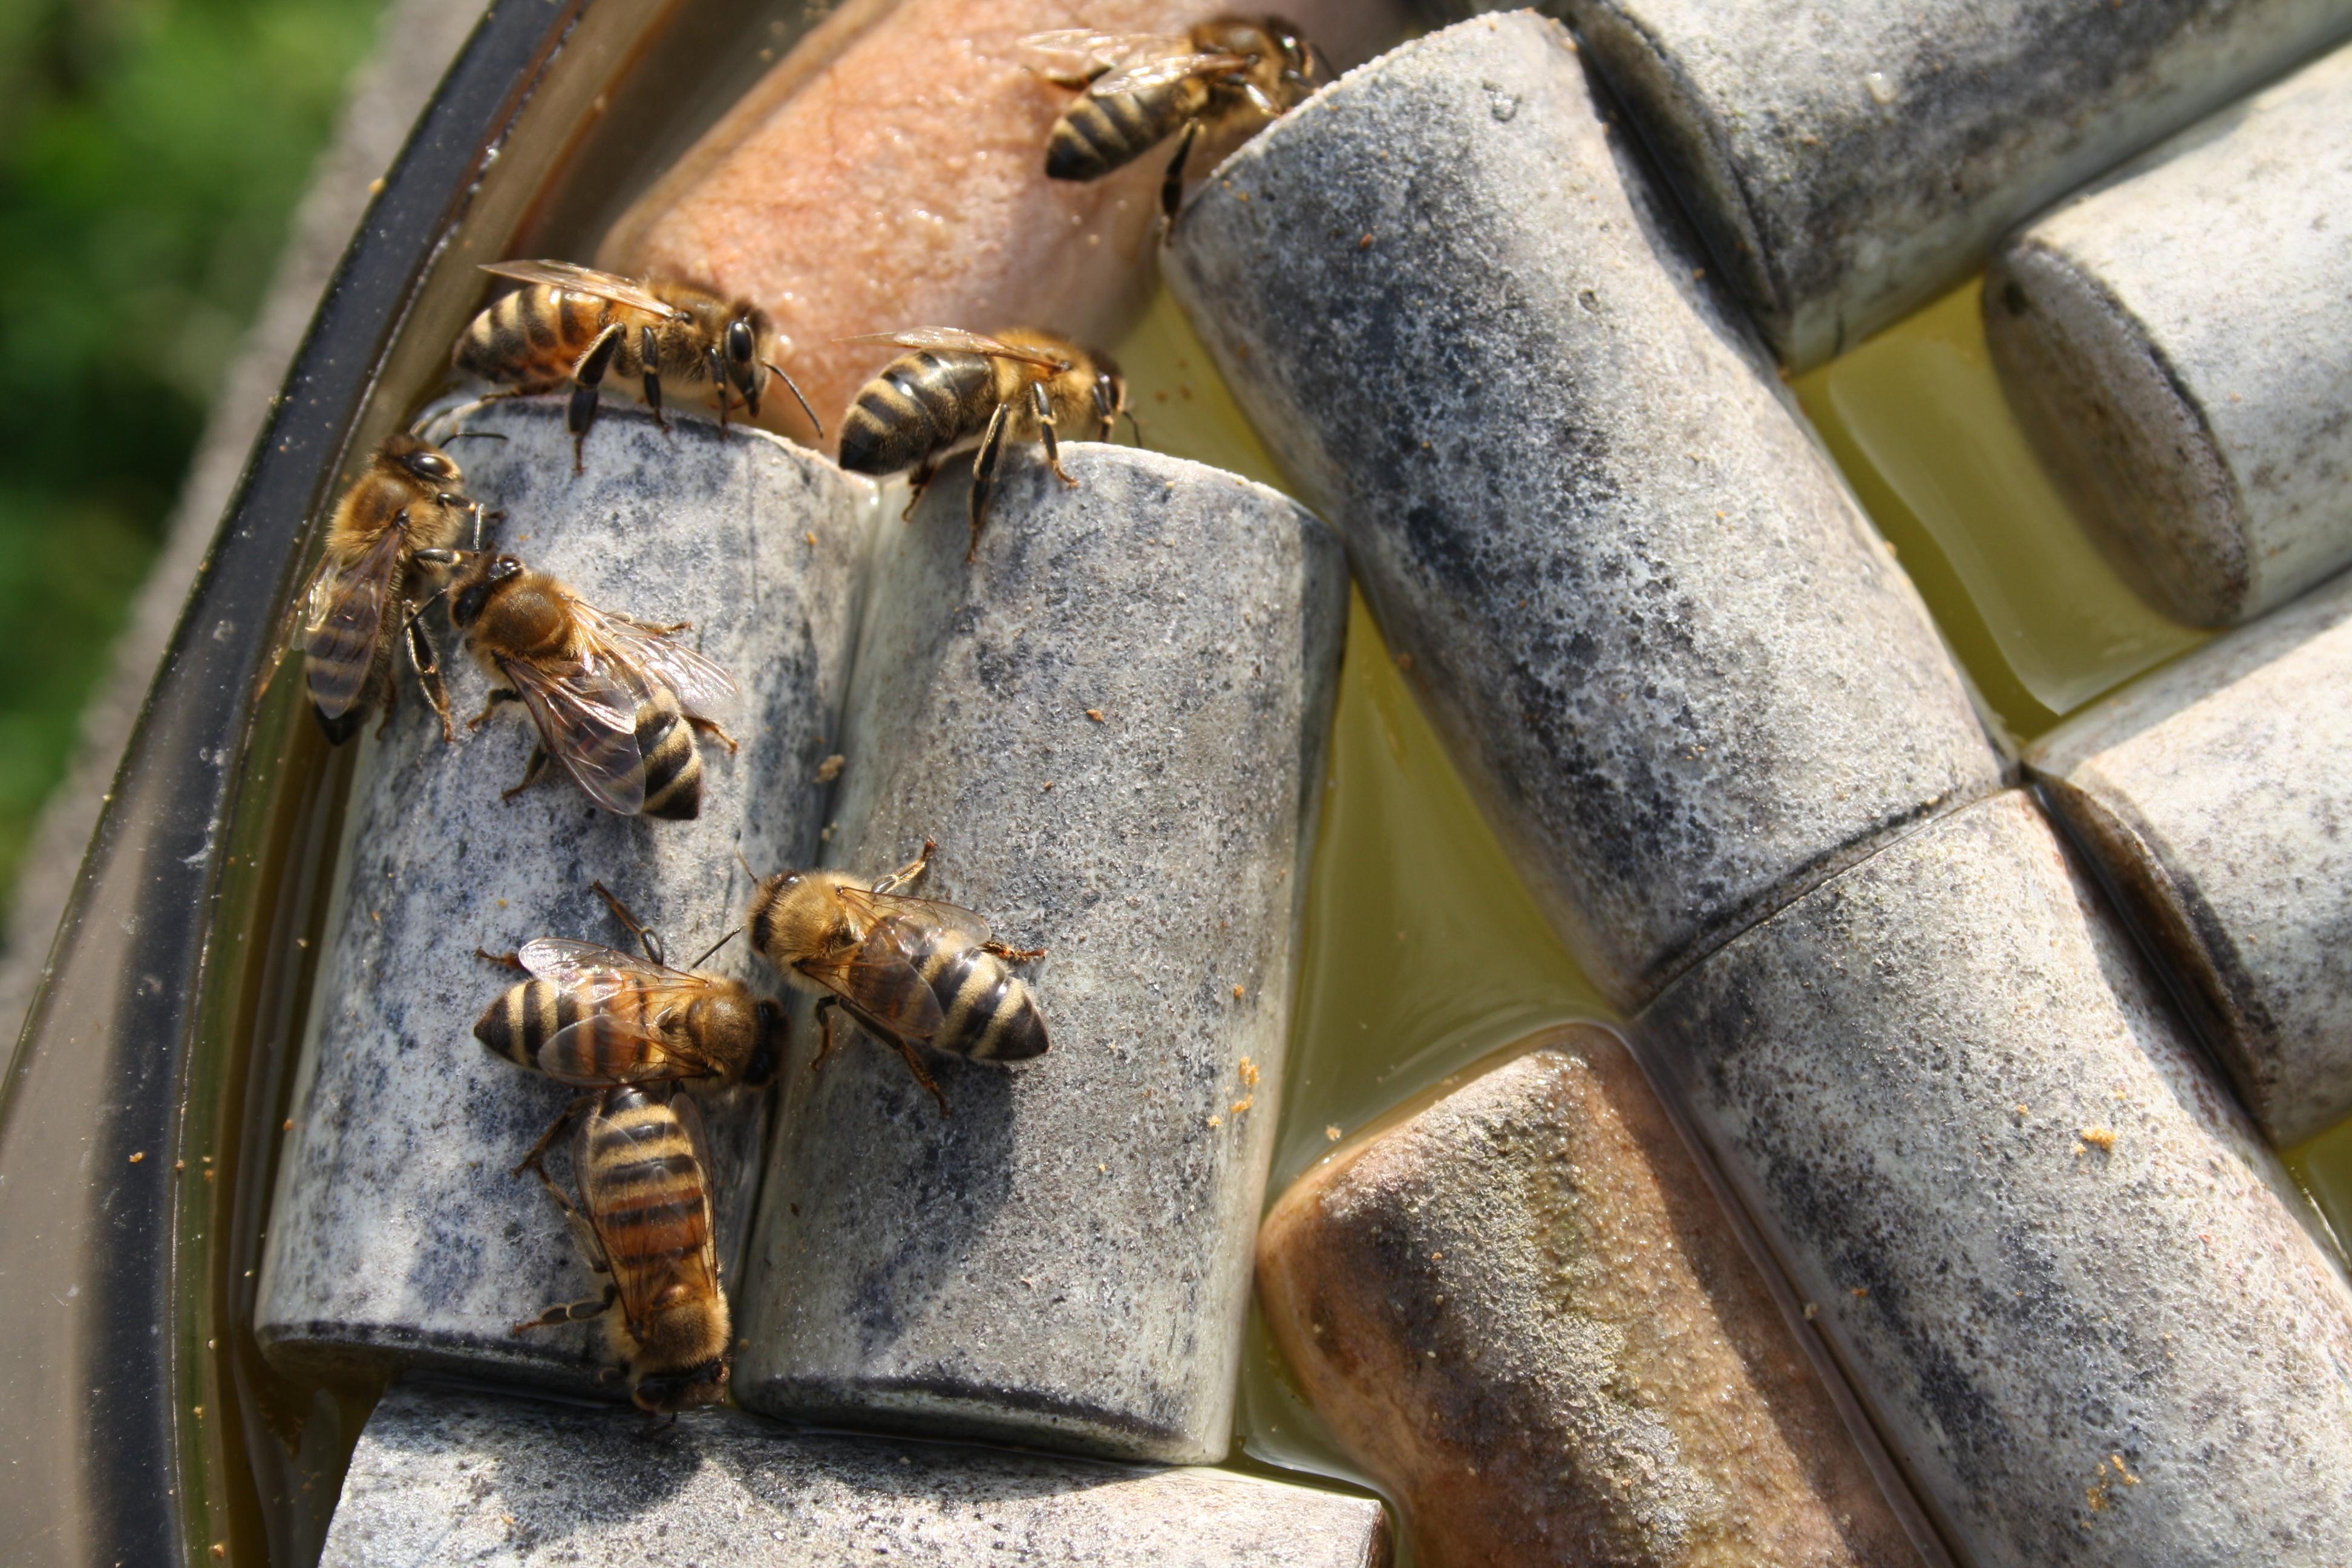 M me en hiver les abeilles ont soif asapistra - Qu est ce qui fait fuir les abeilles ...